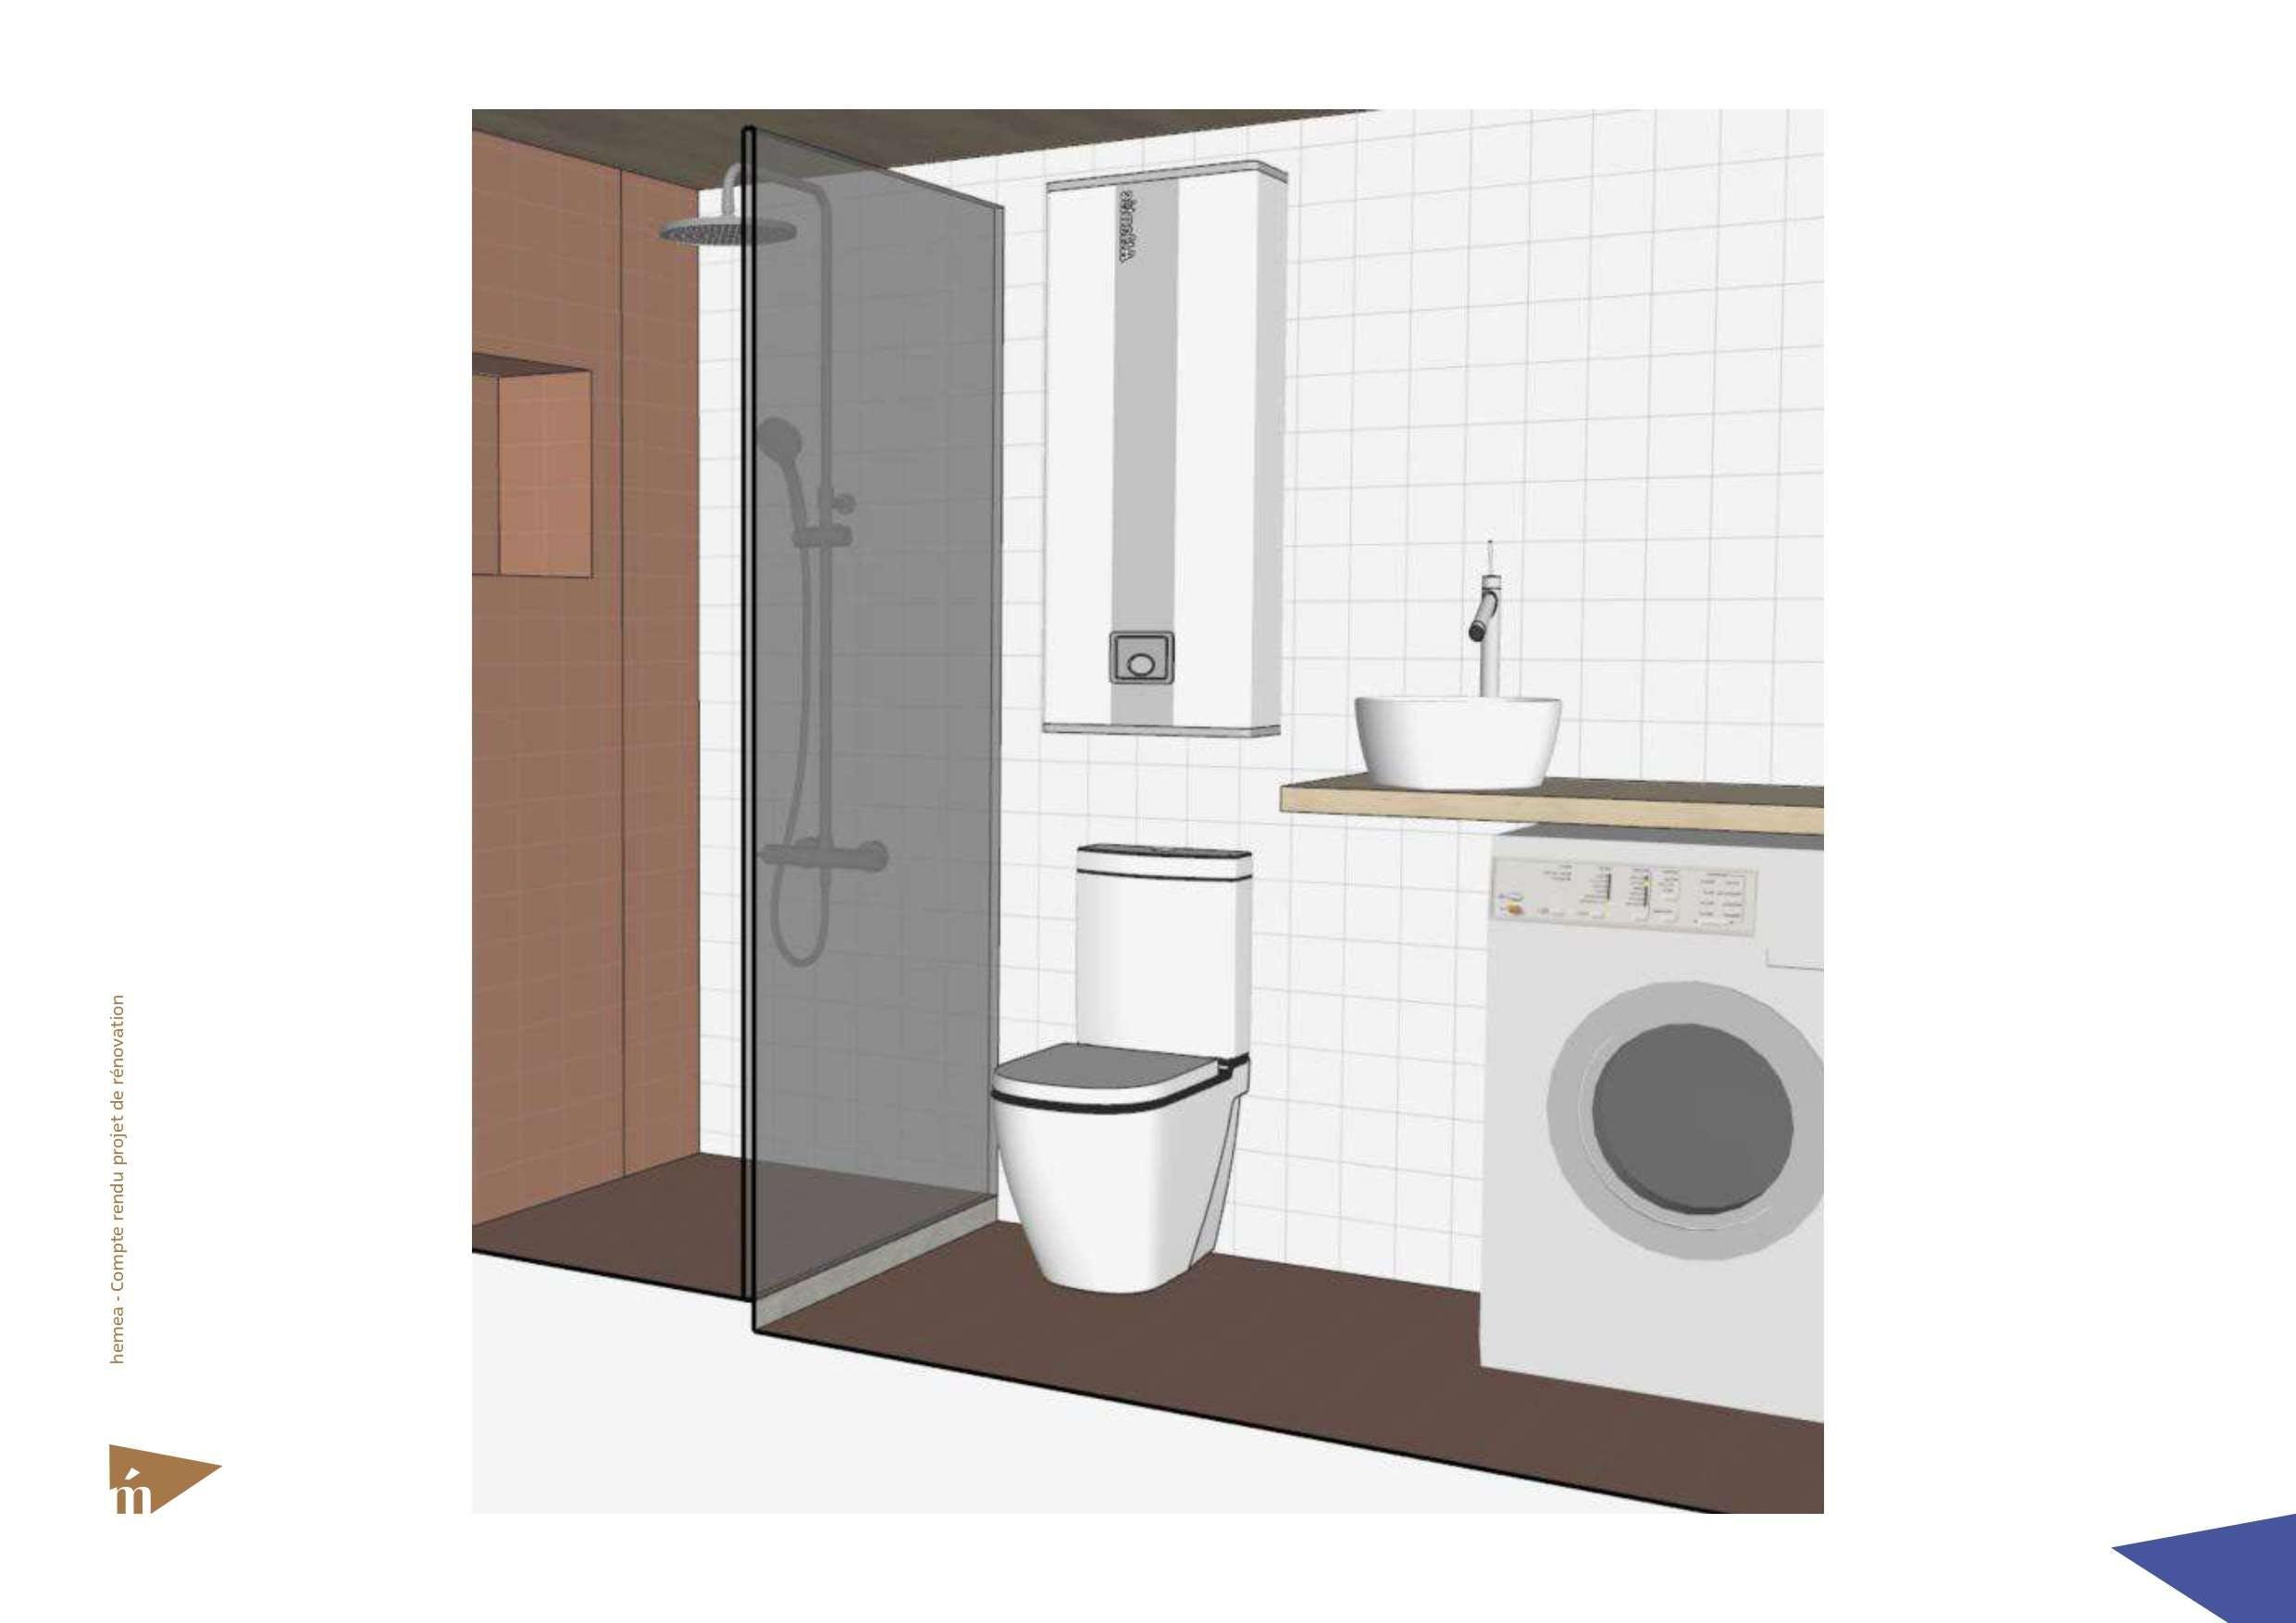 Plan 3D de la salle d'eau